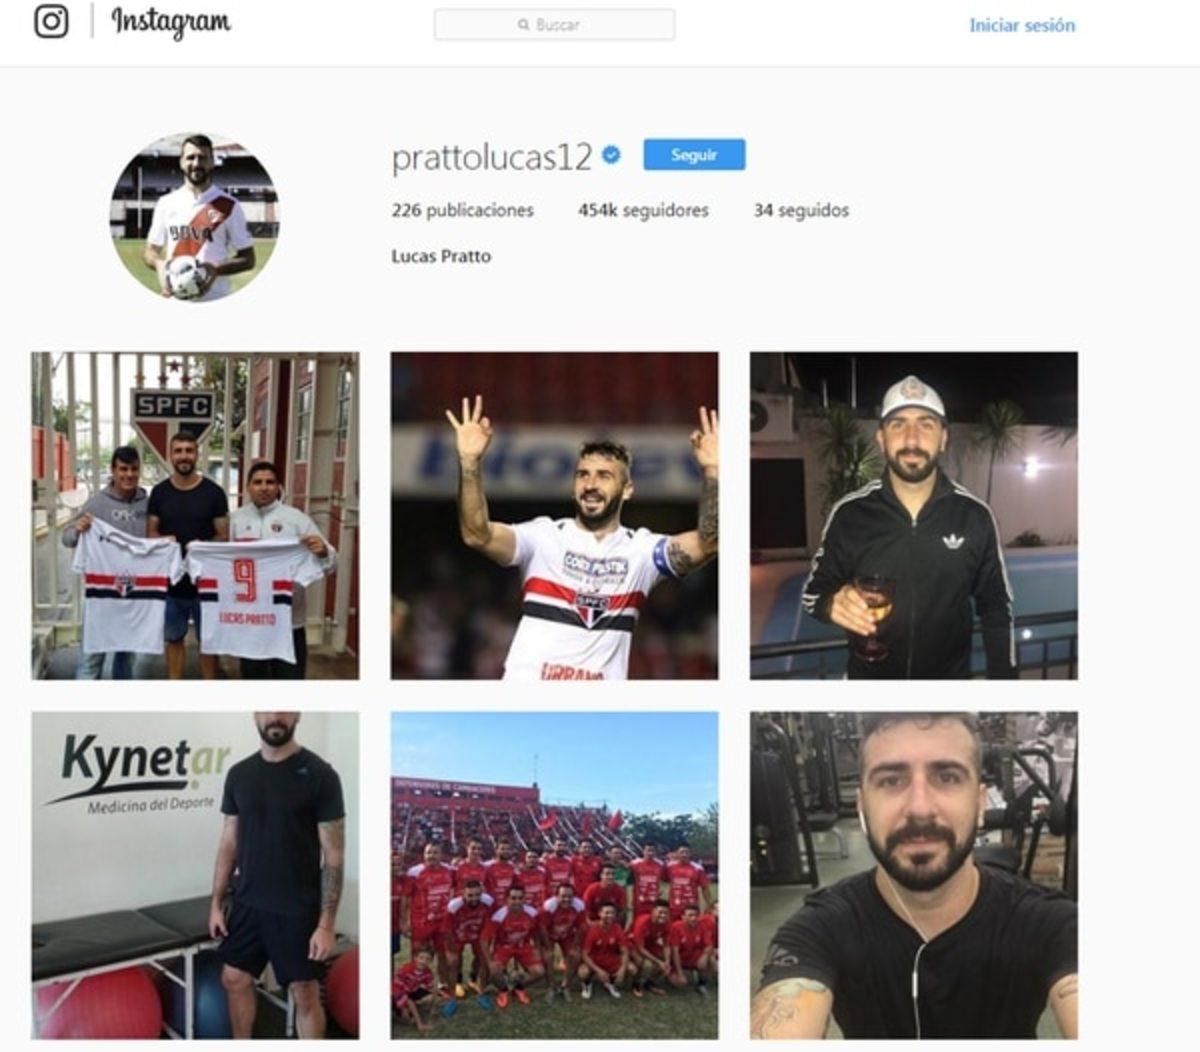 El usuario de Pratto en Instagram todavía permanece con el 12